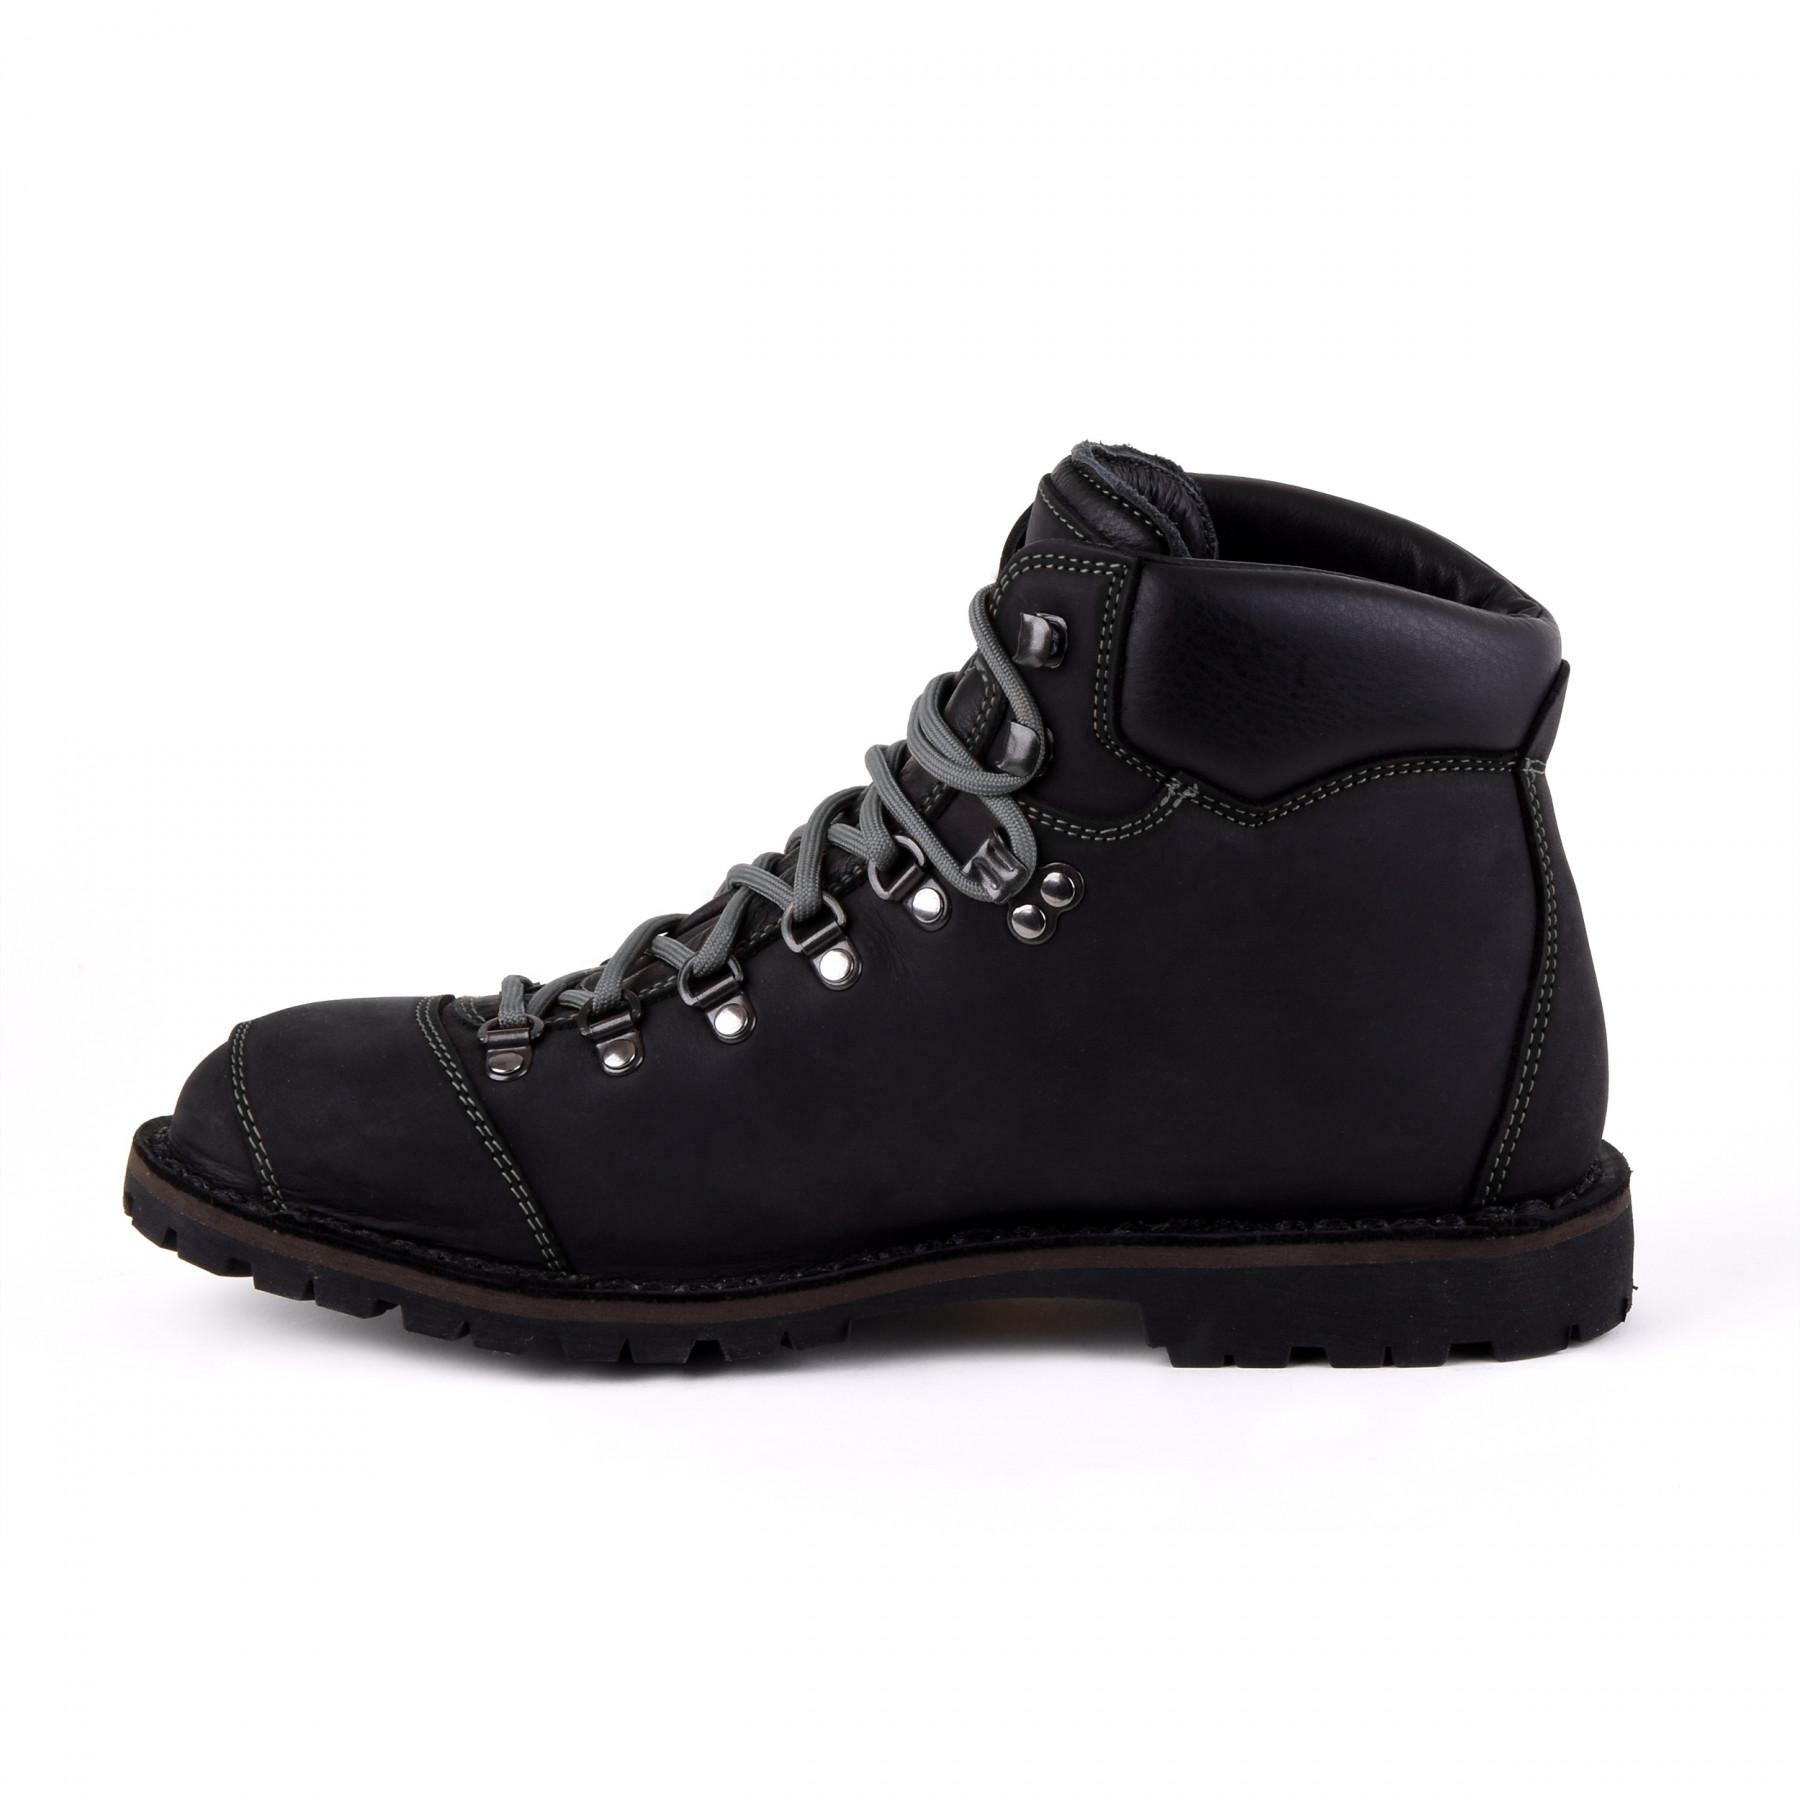 Biker Boot Adventure Denver Black, black ladies boot, grey stitching